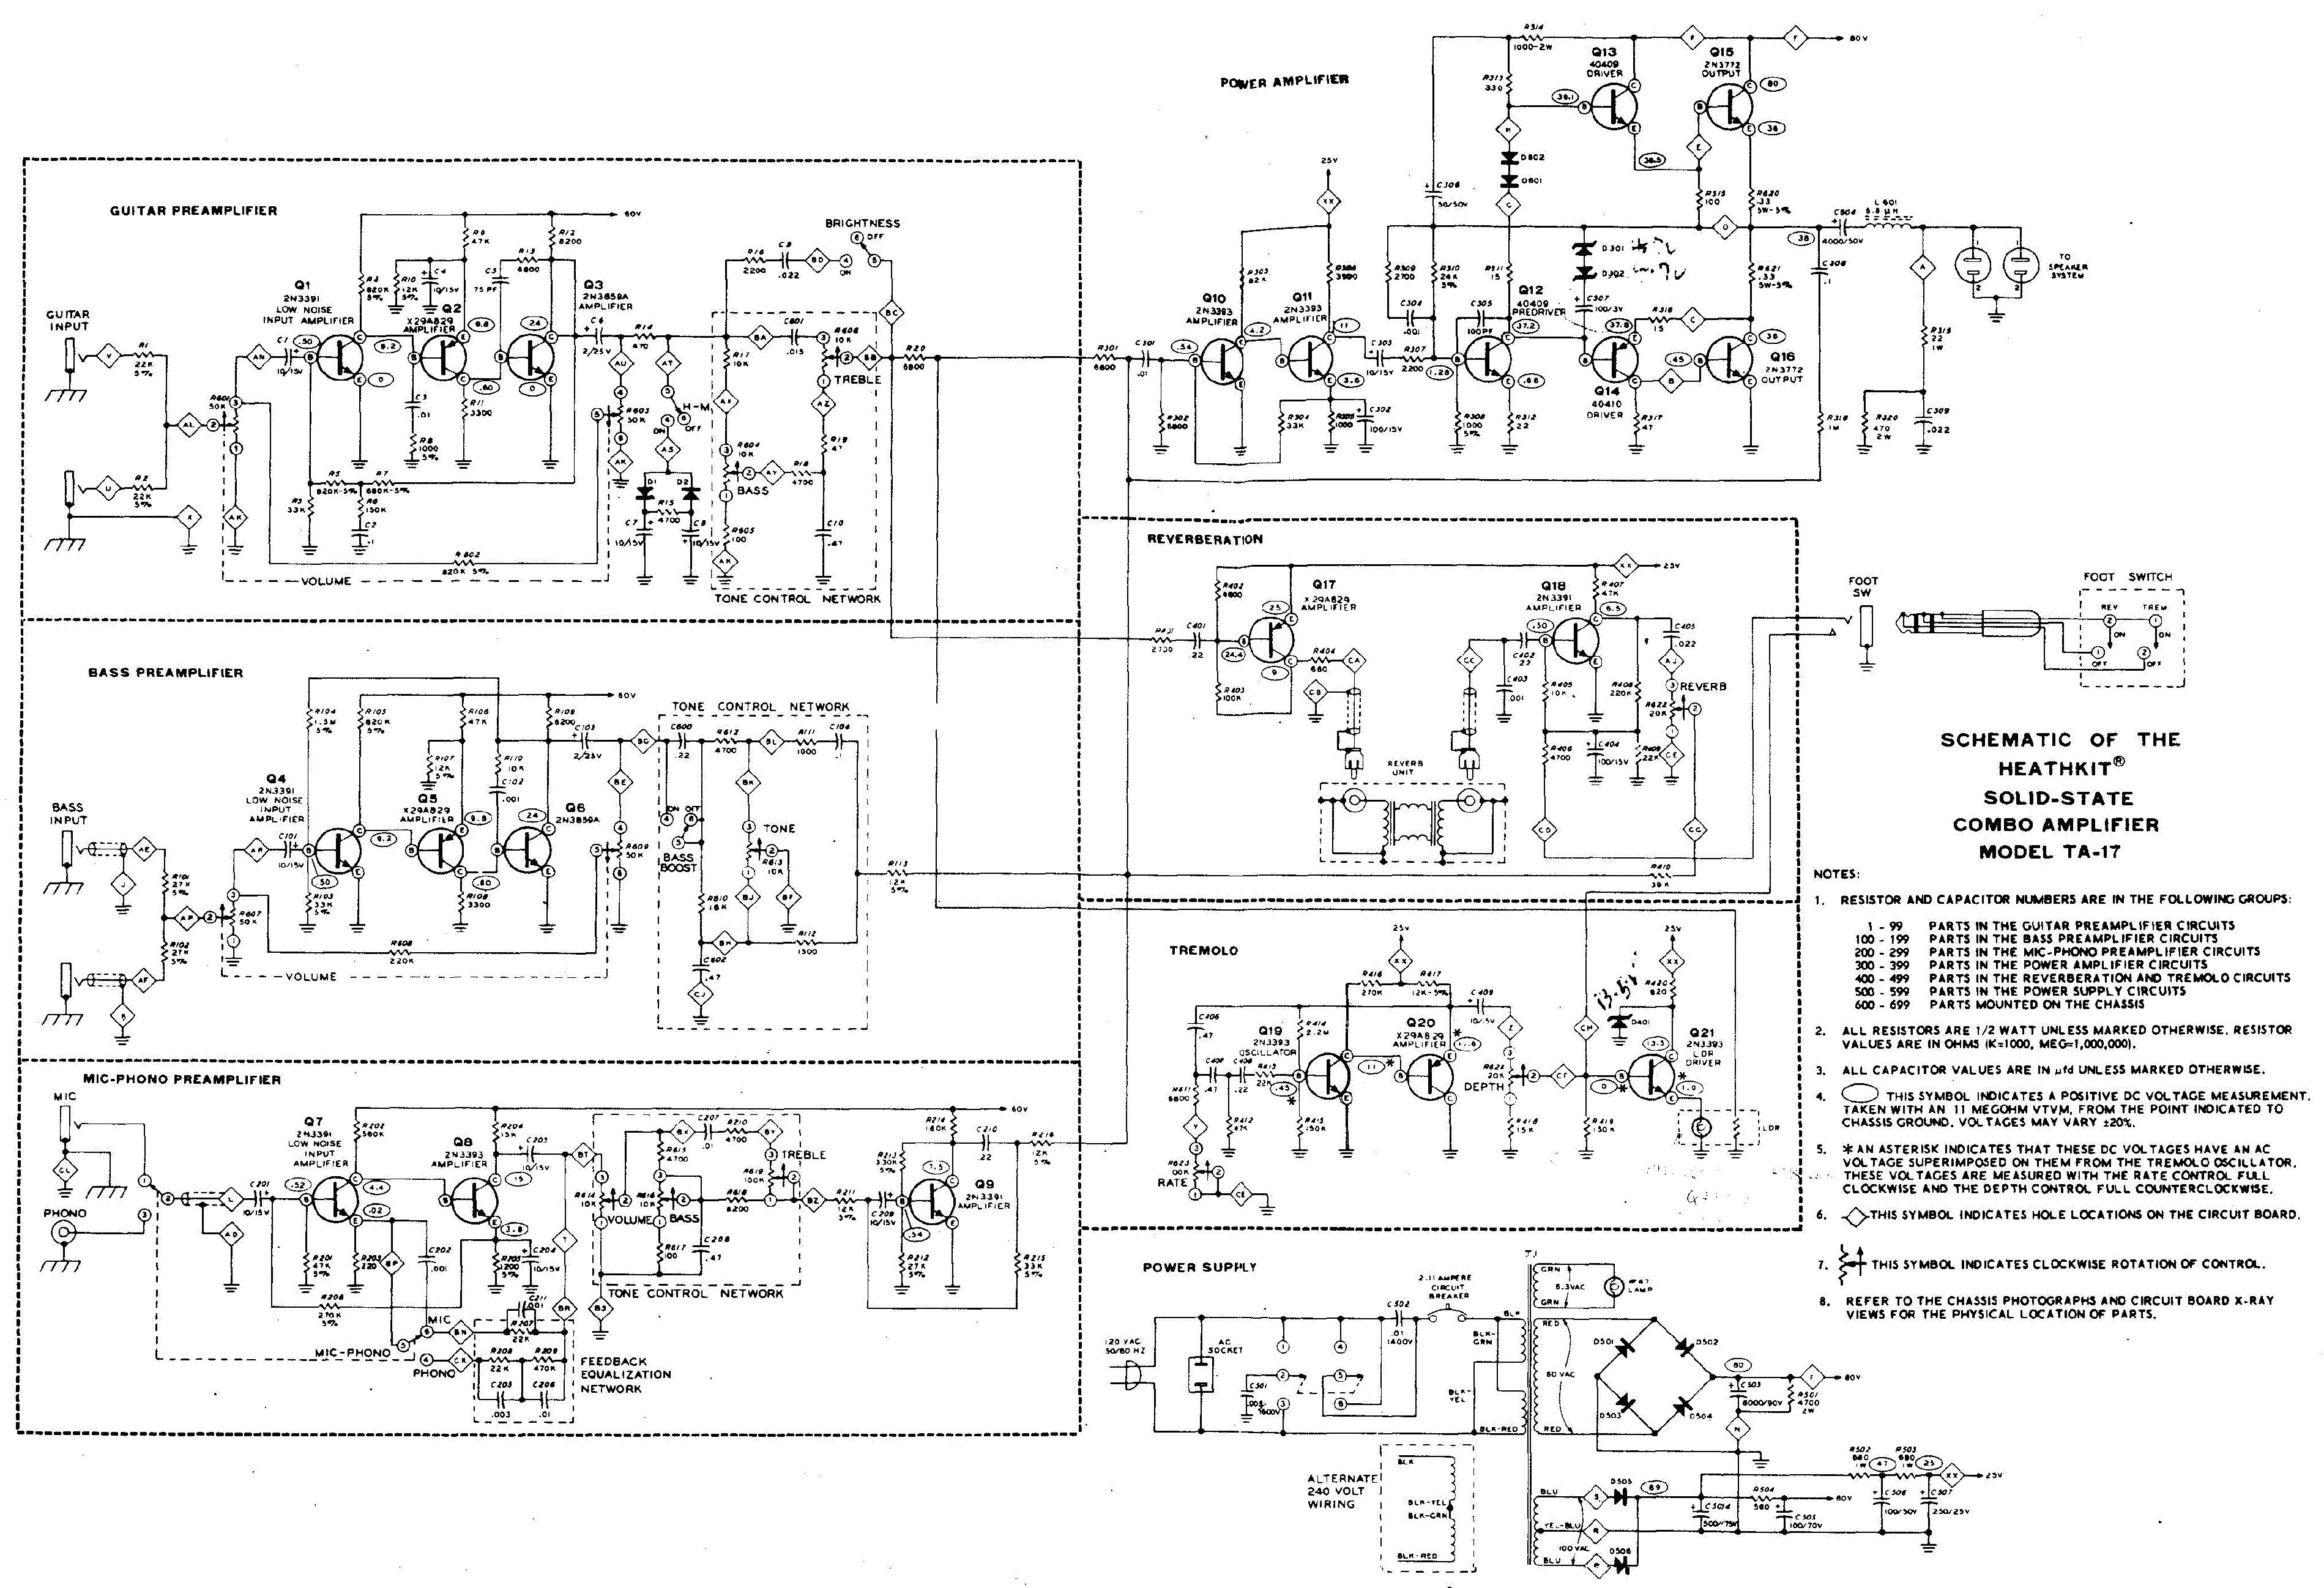 Heathkit Ar 15 Sch2 Service Manual Download Schematics